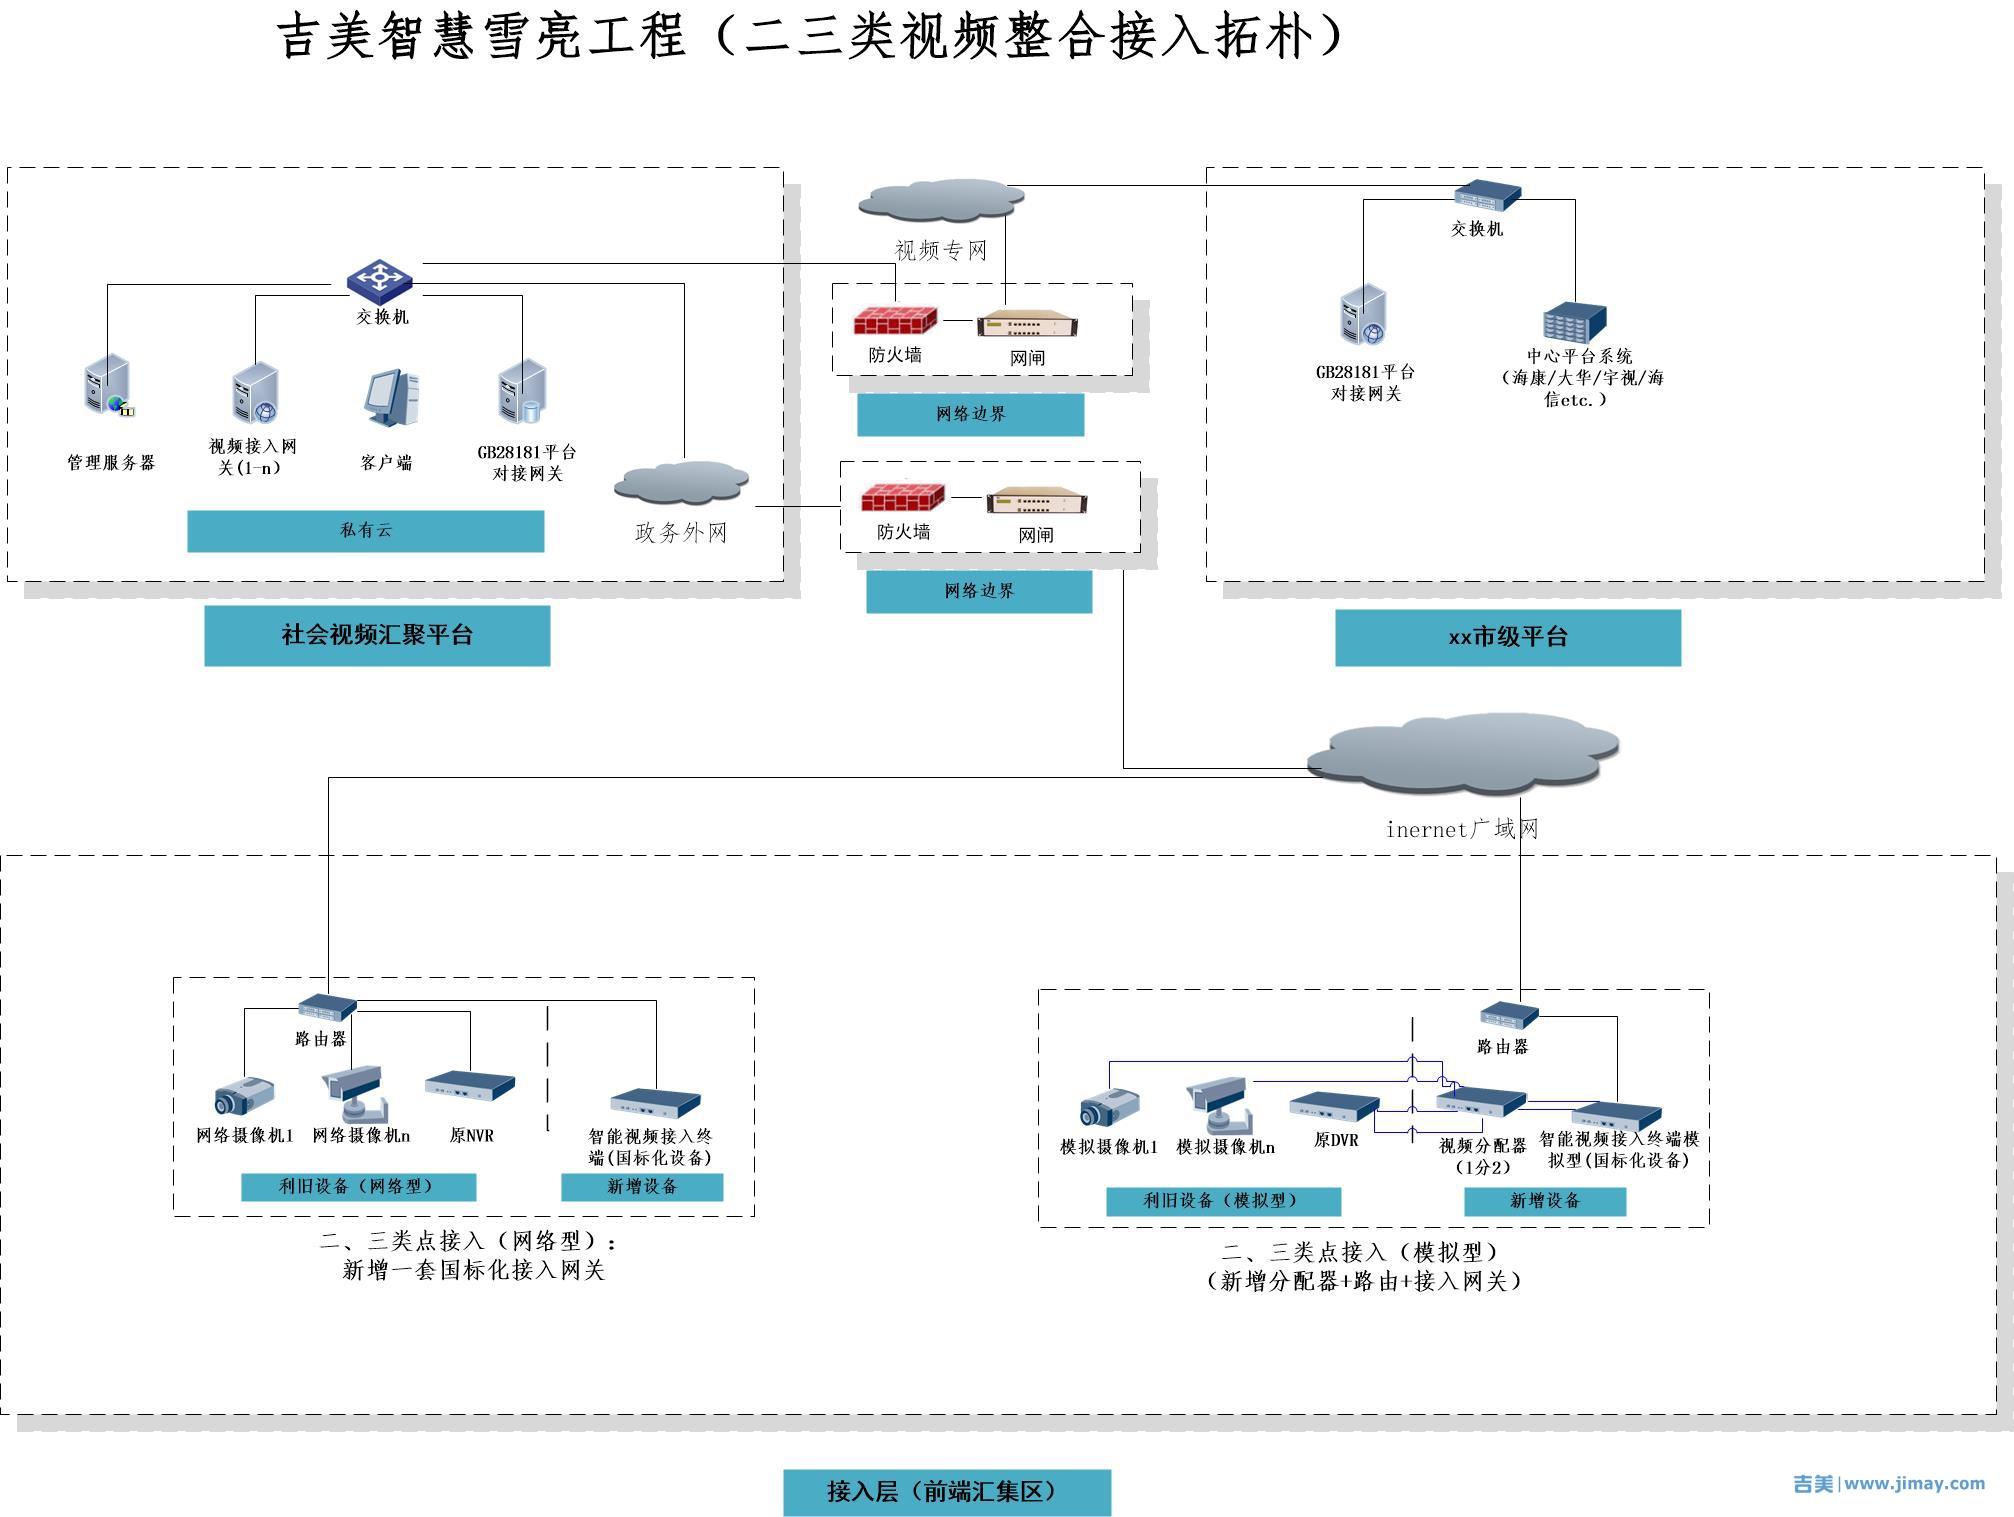 海康NVR的EHOME协议(ISUP协议)的实质及项目应用场景